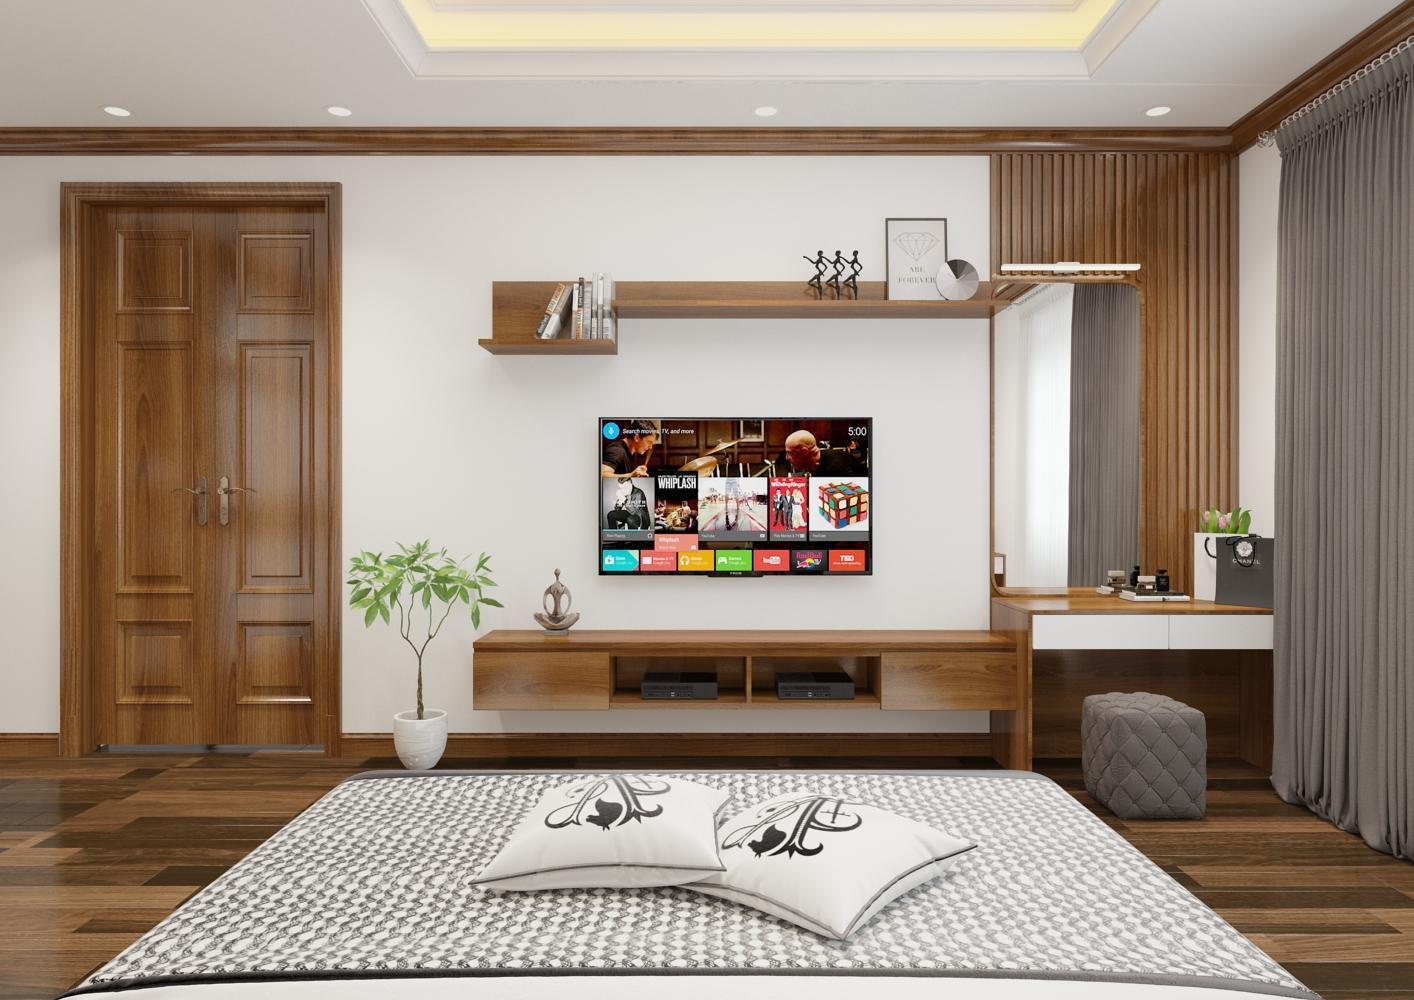 Thiết kế và thi công nội thất ở Ninh Bình Uy tín – Số 1 tại Ninh Bình